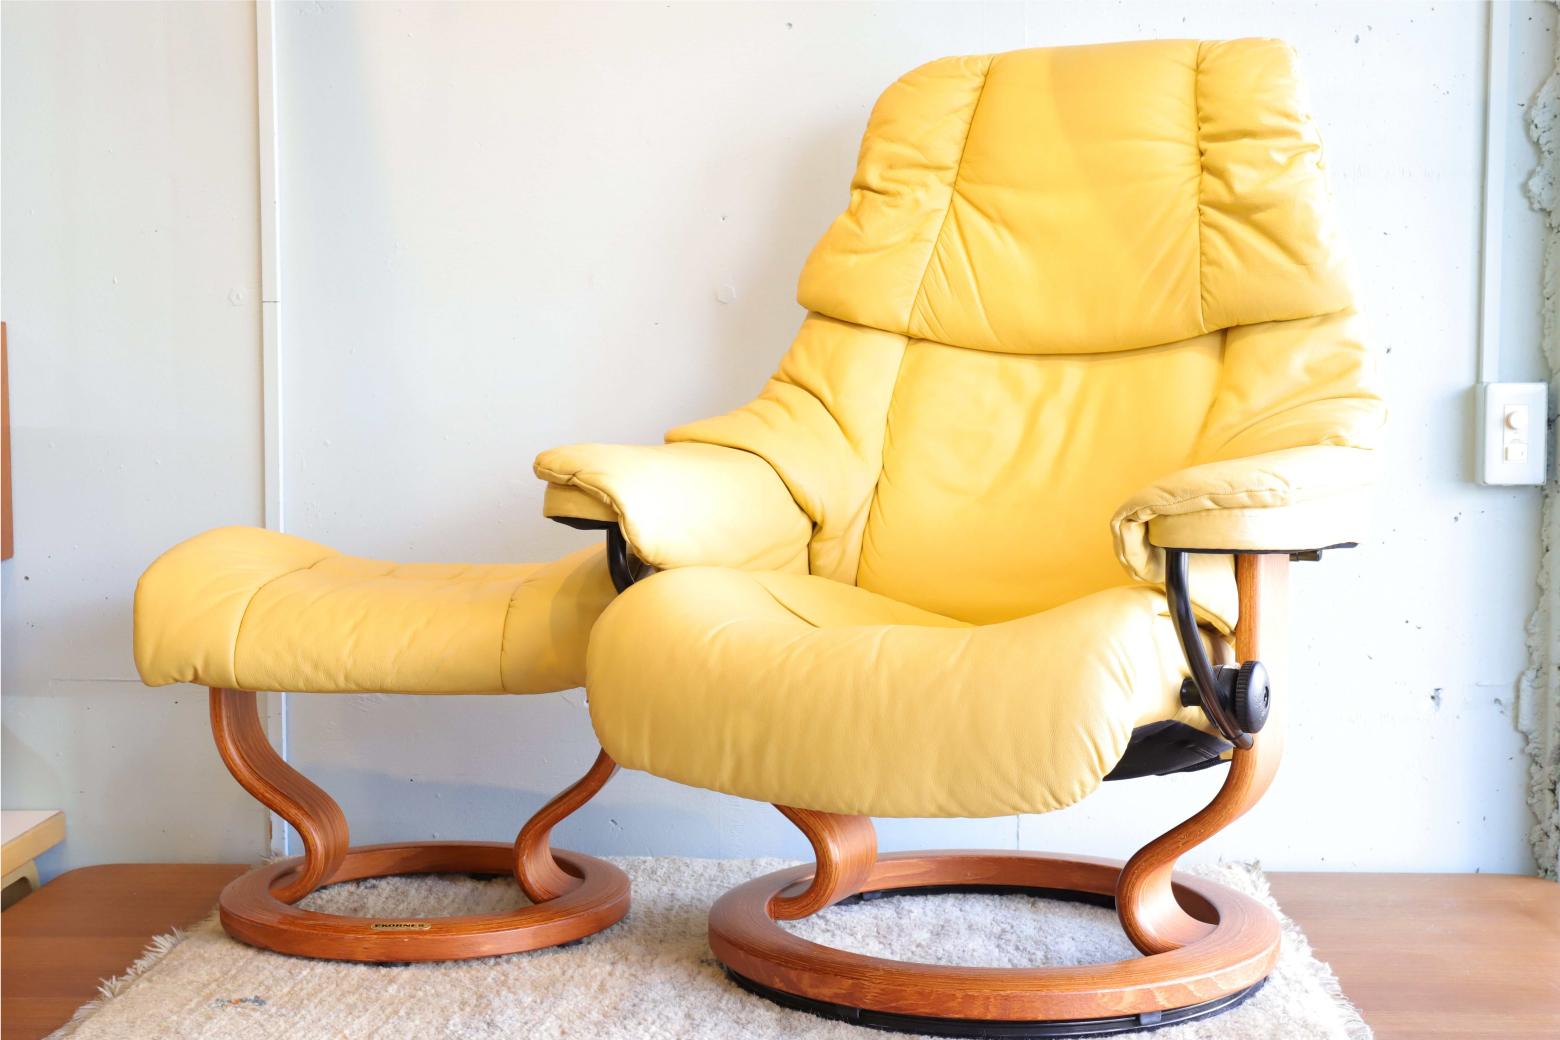 Ekornes Stressless Chair RENO /エコーネス ストレスレス チェア レノ 誕生から45年、世界50ヶ国以上、800万台以上を販売している ノルウェーのエコーネス社のストレスレスチェア。 背もたれに体重をかけると自然とリクライニングし、 身体を起こすと同時に背もたれが起き上がります。 座椅子は360度回転することができます。 また、座面両サイドにある回転ノブによって、リクライニングの角度を変更でき、お好みのポジションで固定できます。 やわかな材質なので身体をあずけると自然にフィットし、 まさに包み込まれるような座り心地を提供してくれます。 ヘッドレストの高さを変えることができるので、 どなたとでも共有してお使いいただけます。 いつもの癒しの時間を、こころが満ち足りる上質な時間に。 誰でもホッと息を抜く時間があると思います。音楽を聴いたり、 読書をしたり、またコーヒーやお茶を愉しみ穏やかに過ごす時間。 ささやかながらも大切にしたいそんな時間を、 このストレスレスチェアでより素敵な時間に彩りませんか? オットマンが付属しておりますので、脚を伸ばしてもおくつろぎいただけます。 ぜひ、包み込まれるような座り心地で、優雅な癒しの時間をお過ごしください。~【東京都杉並区阿佐ヶ谷北アンティークショップ 古一/ZACK高円寺店】 古一/ふるいちでは出張無料買取も行っております。杉並区周辺はもちろん、世田谷区・目黒区・武蔵野市・新宿区等の東京近郊のお見積もりも!ビンテージ家具・インテリア雑貨・ランプ・USED品・ リサイクルなら古一/フルイチへ~